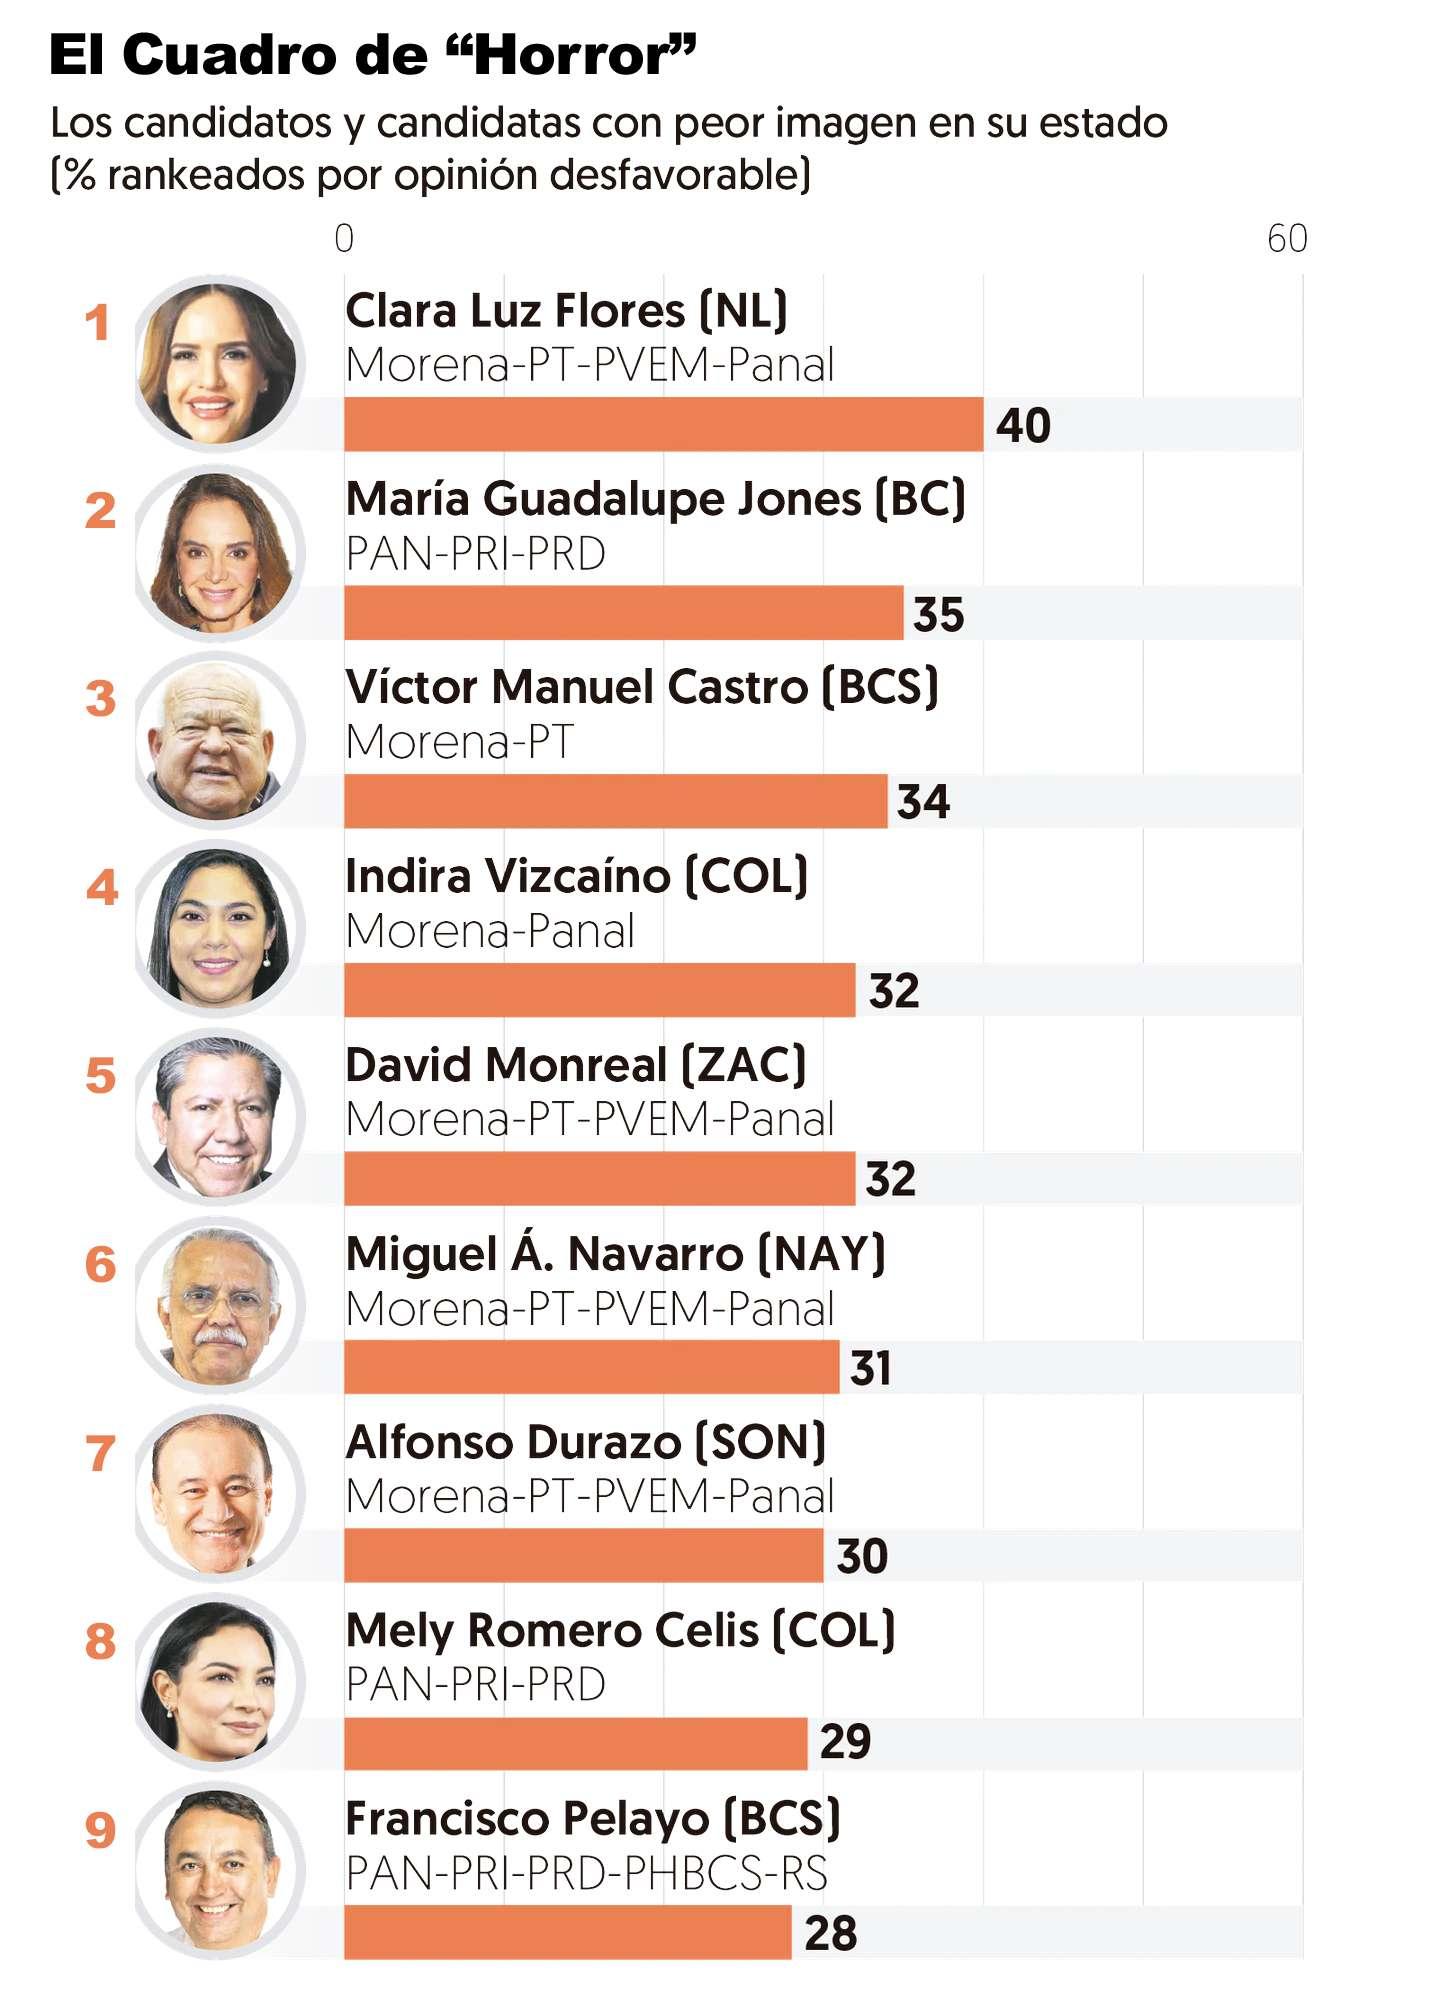 Encabeza Clara Luz Flores encuesta de candidatos con peor imagen